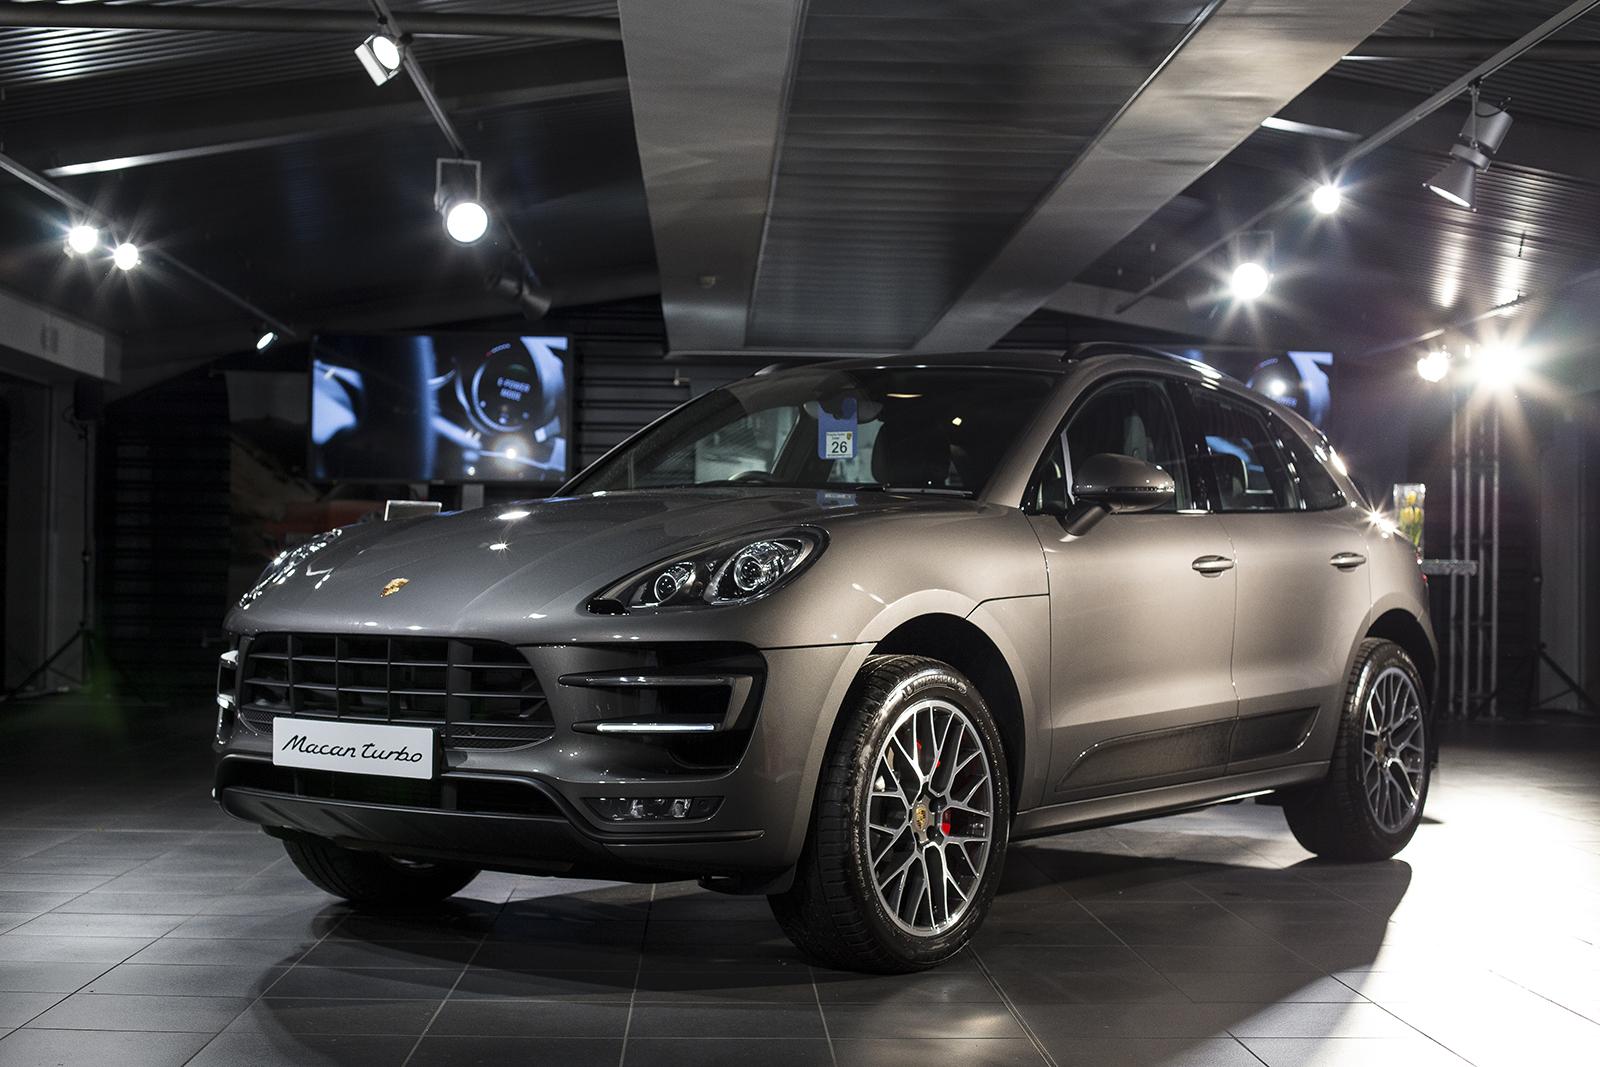 Fotoverslag Introductie Porsche Macan In Exeter